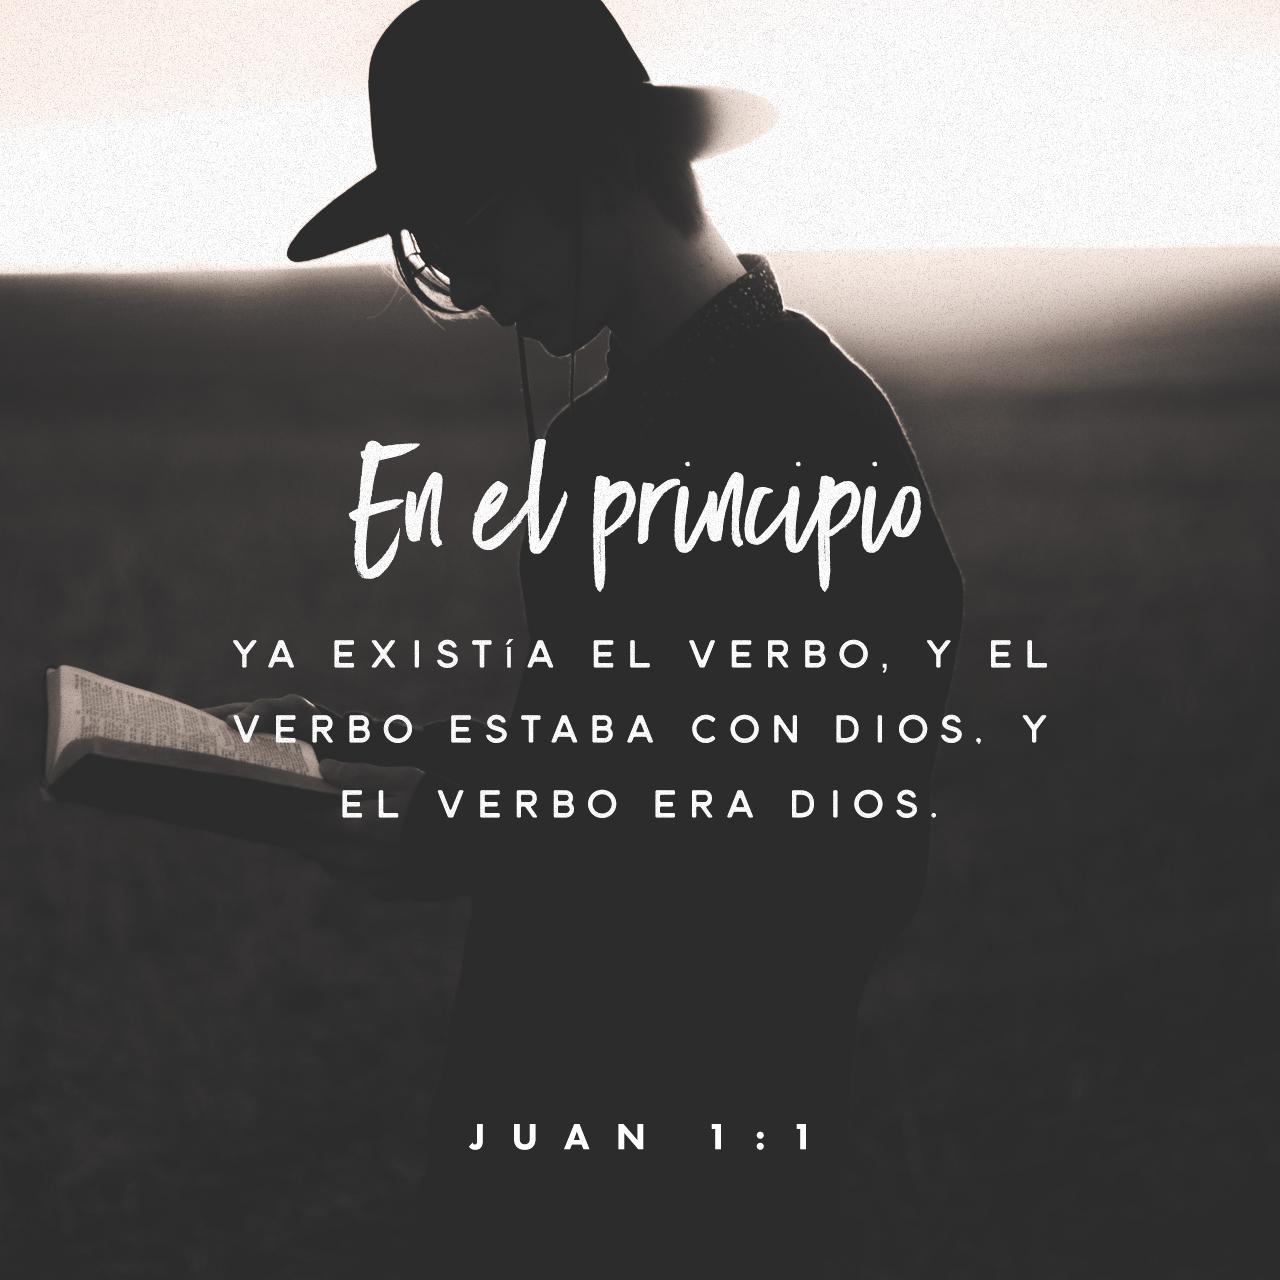 John 1:1 (JPG)